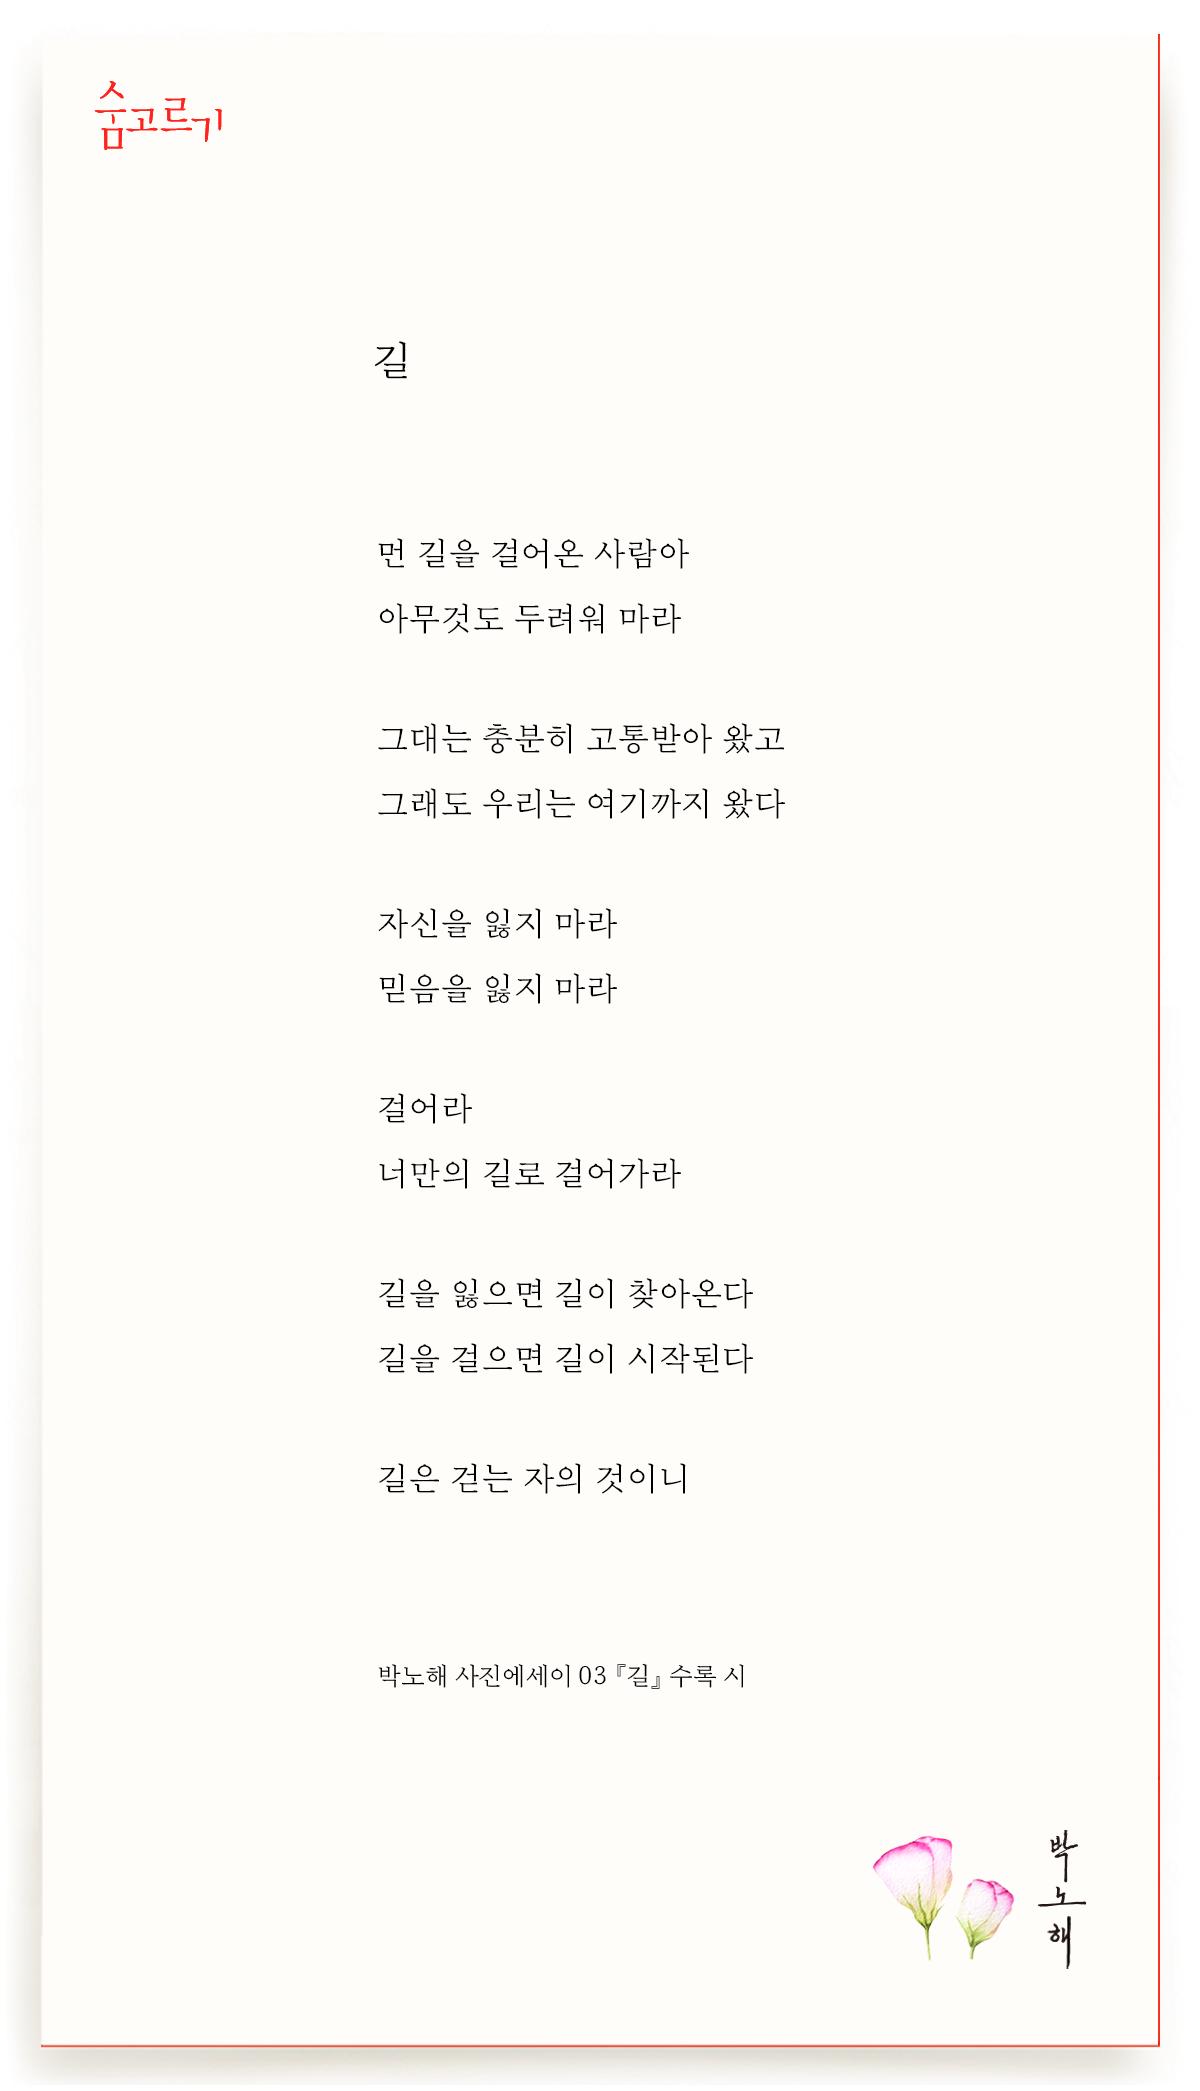 박노해의 숨고르기 길